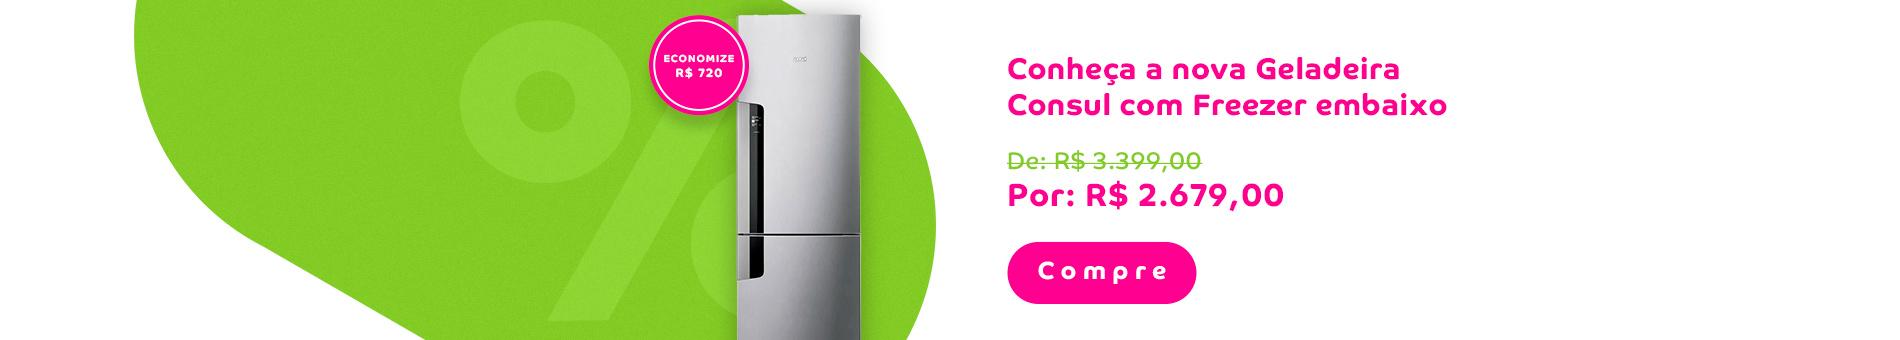 Promoção Interna - 3438 - generico_desconto-lavadora_7102019_categ1 - desconto-lavadora - 1